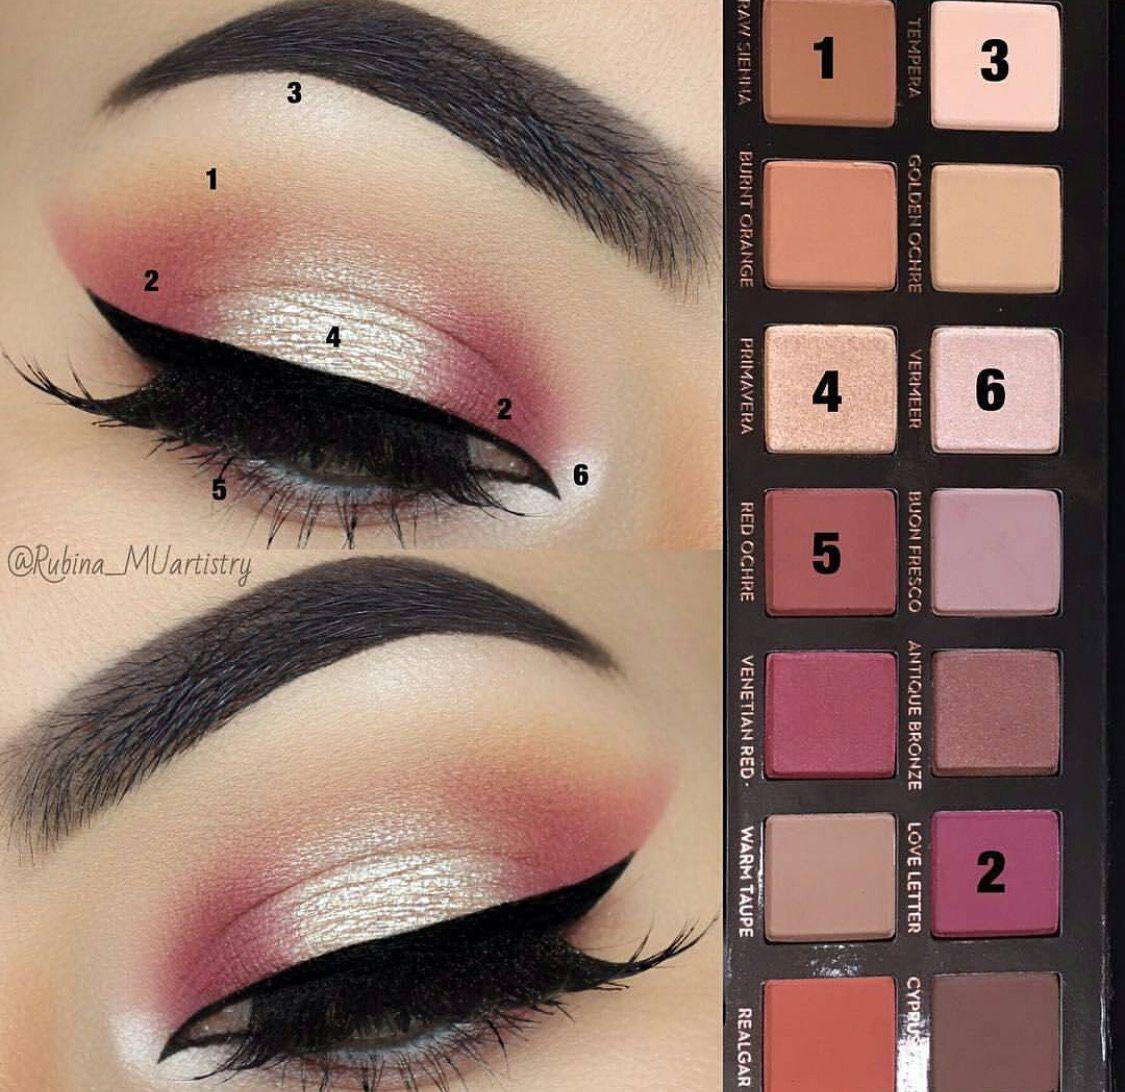 Pin By Mahsa On Makeup Eye Makeup Makeup Makeup Looks